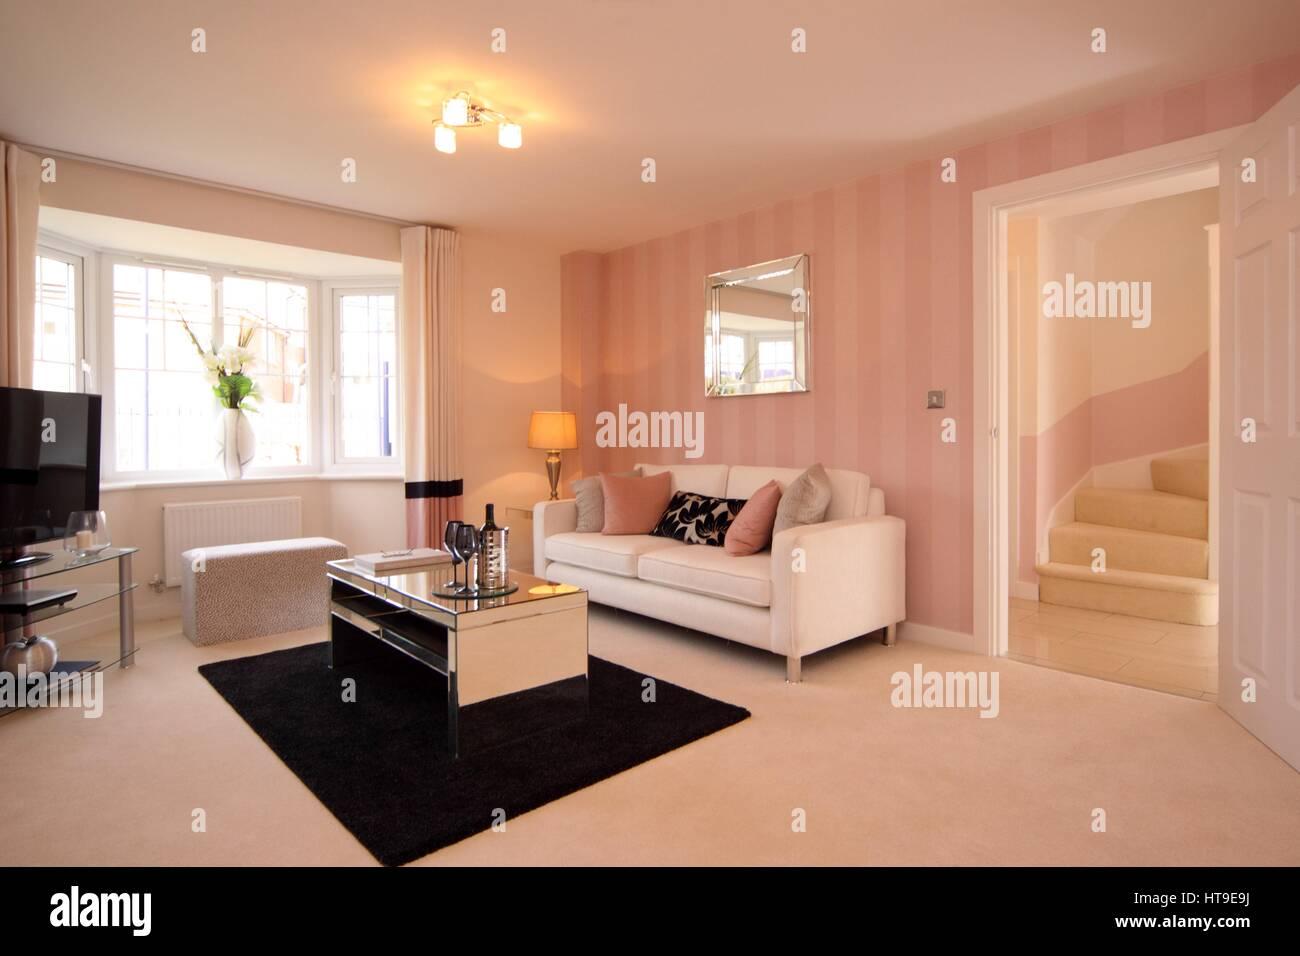 Wohnlandschaft. moderne Lounge, Neubau, Wohnzimmer, rosa Creme Dekor ...